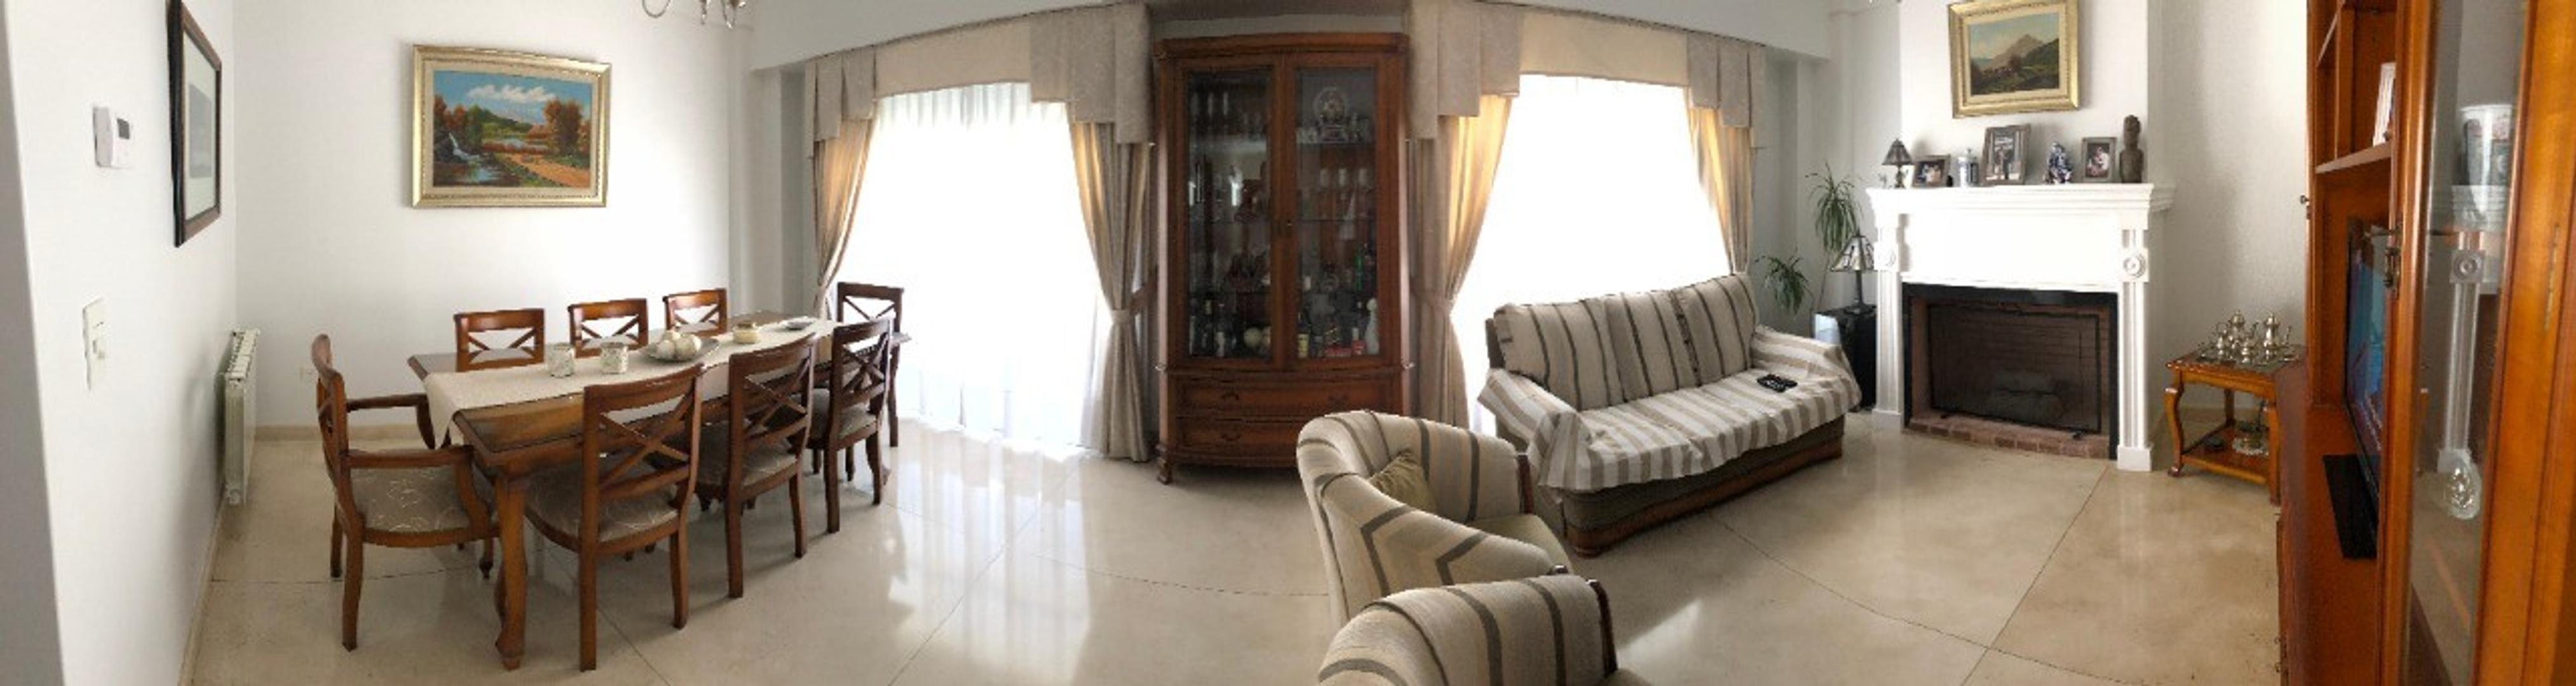 Departamento en Venta - 9 ambientes - USD 500.000